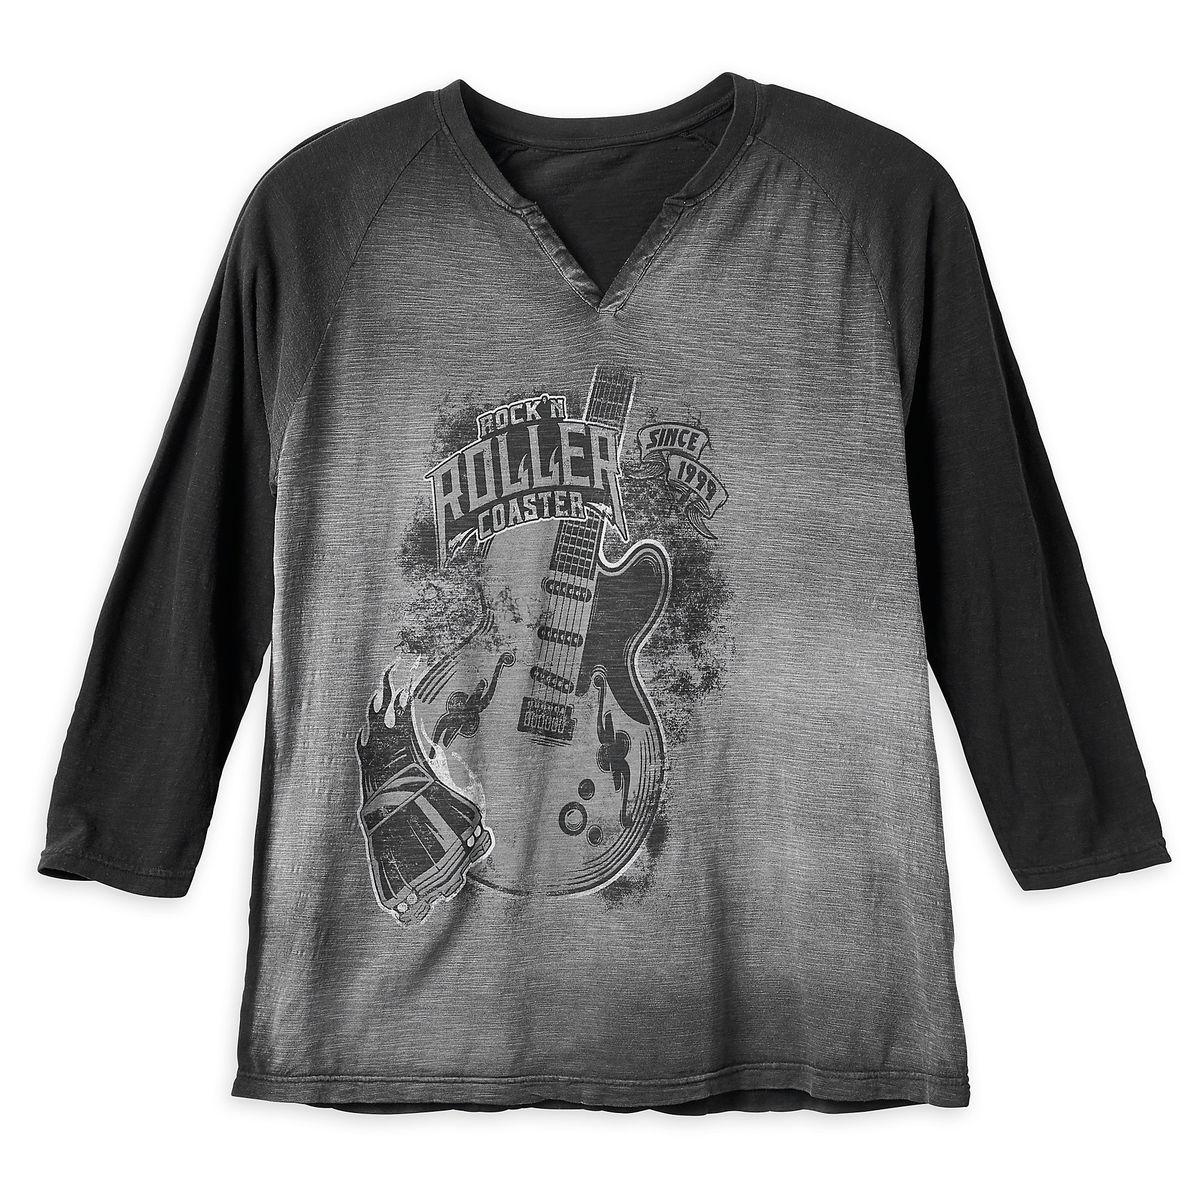 20a0eacb4ea Disney Shirt for Men - Rock N  Roller Coaster - Burnout Jersey